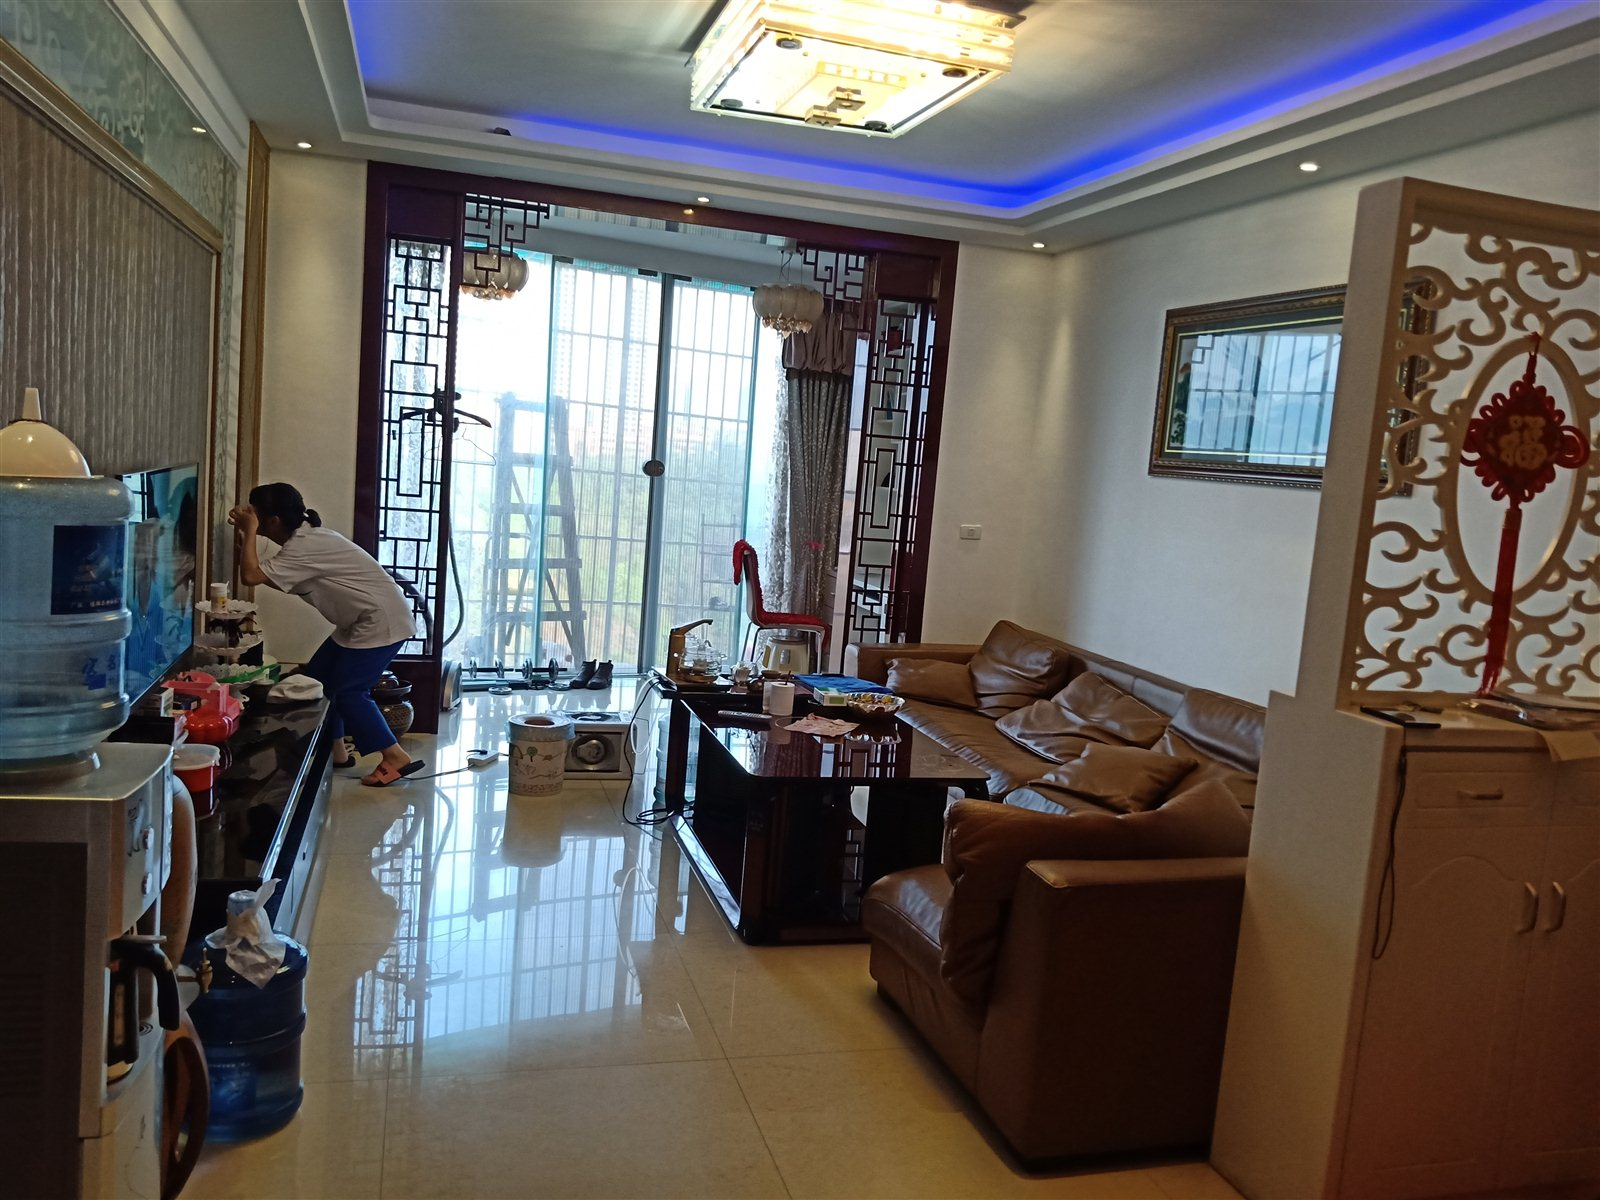 龙腾锦城124平米全新装修房子保养比较好